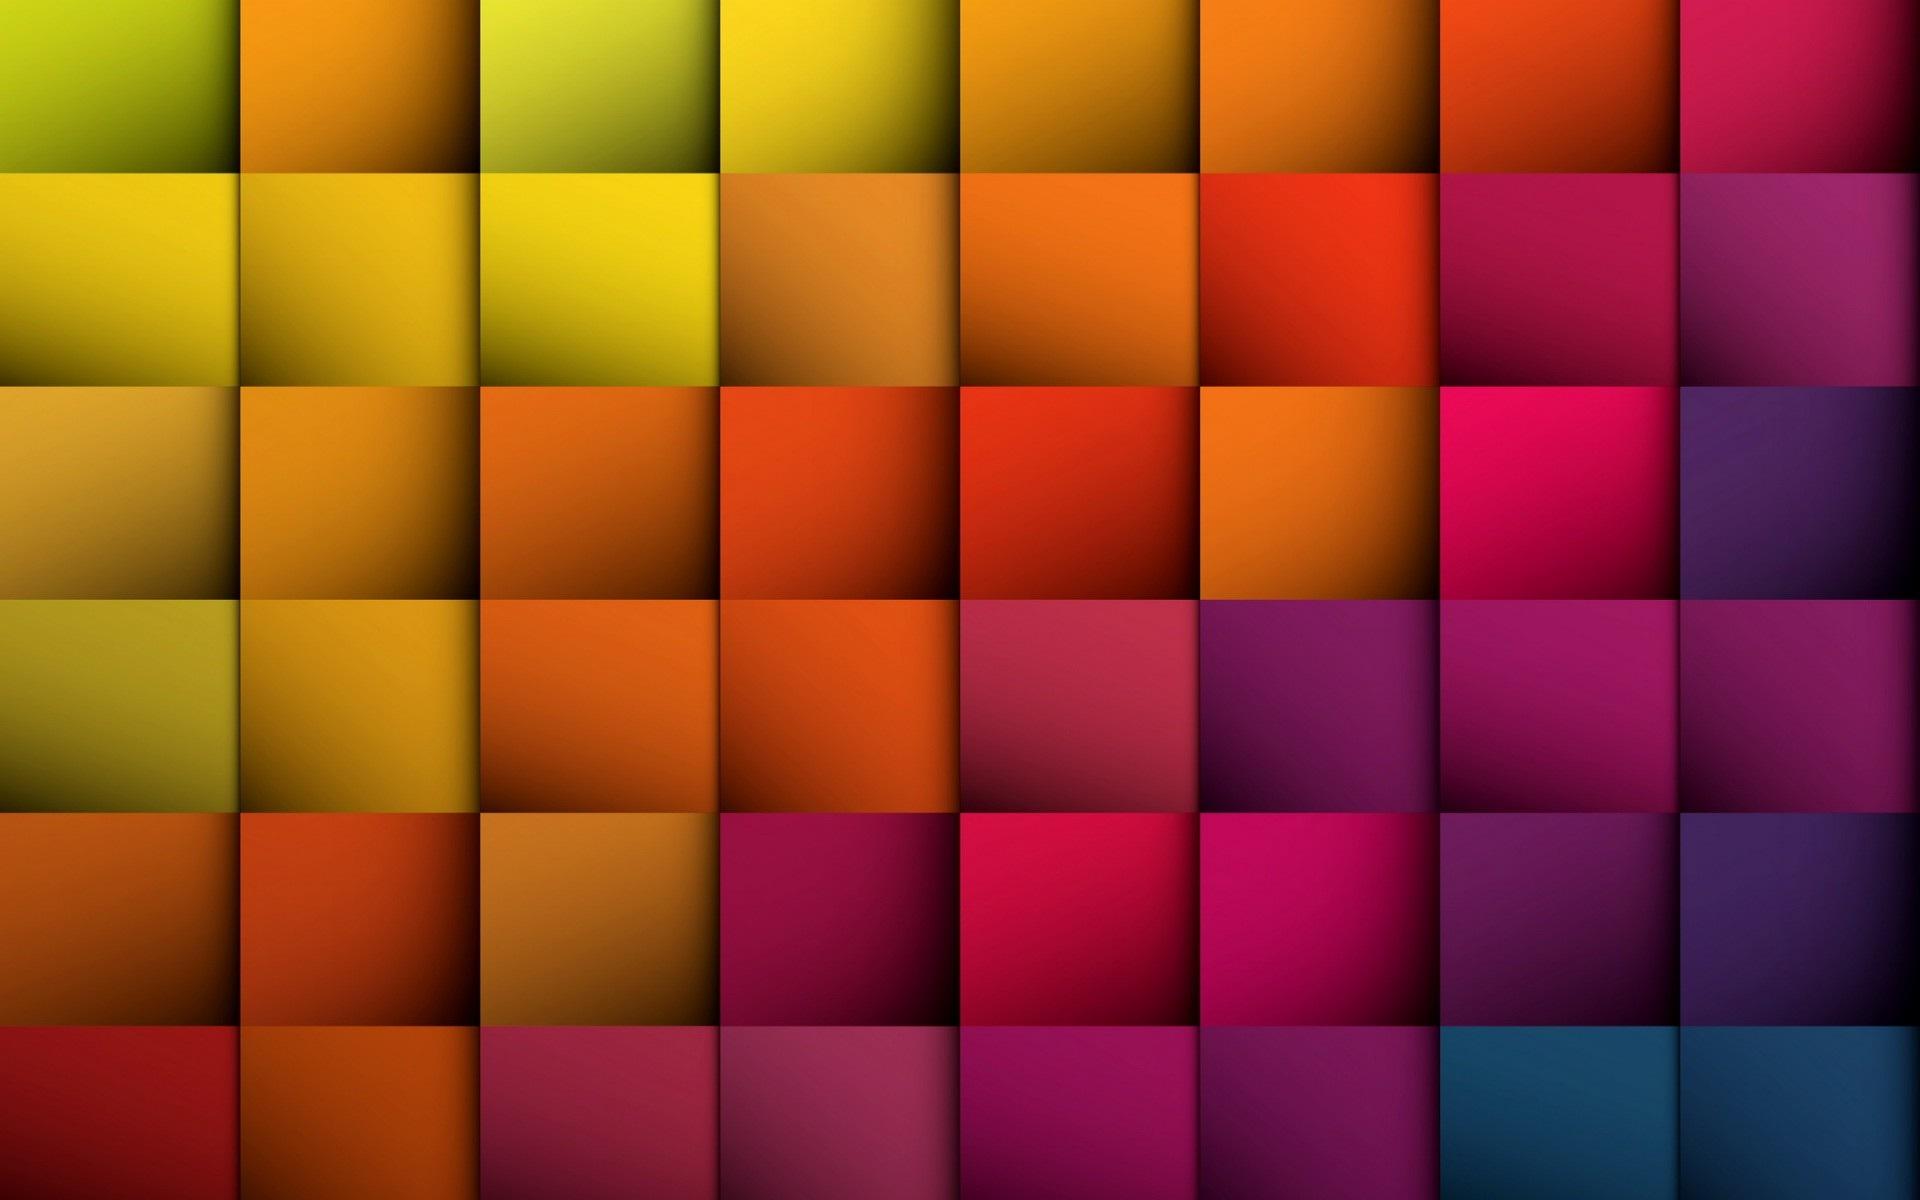 3D-color-checks-walls-HD-wallpapers